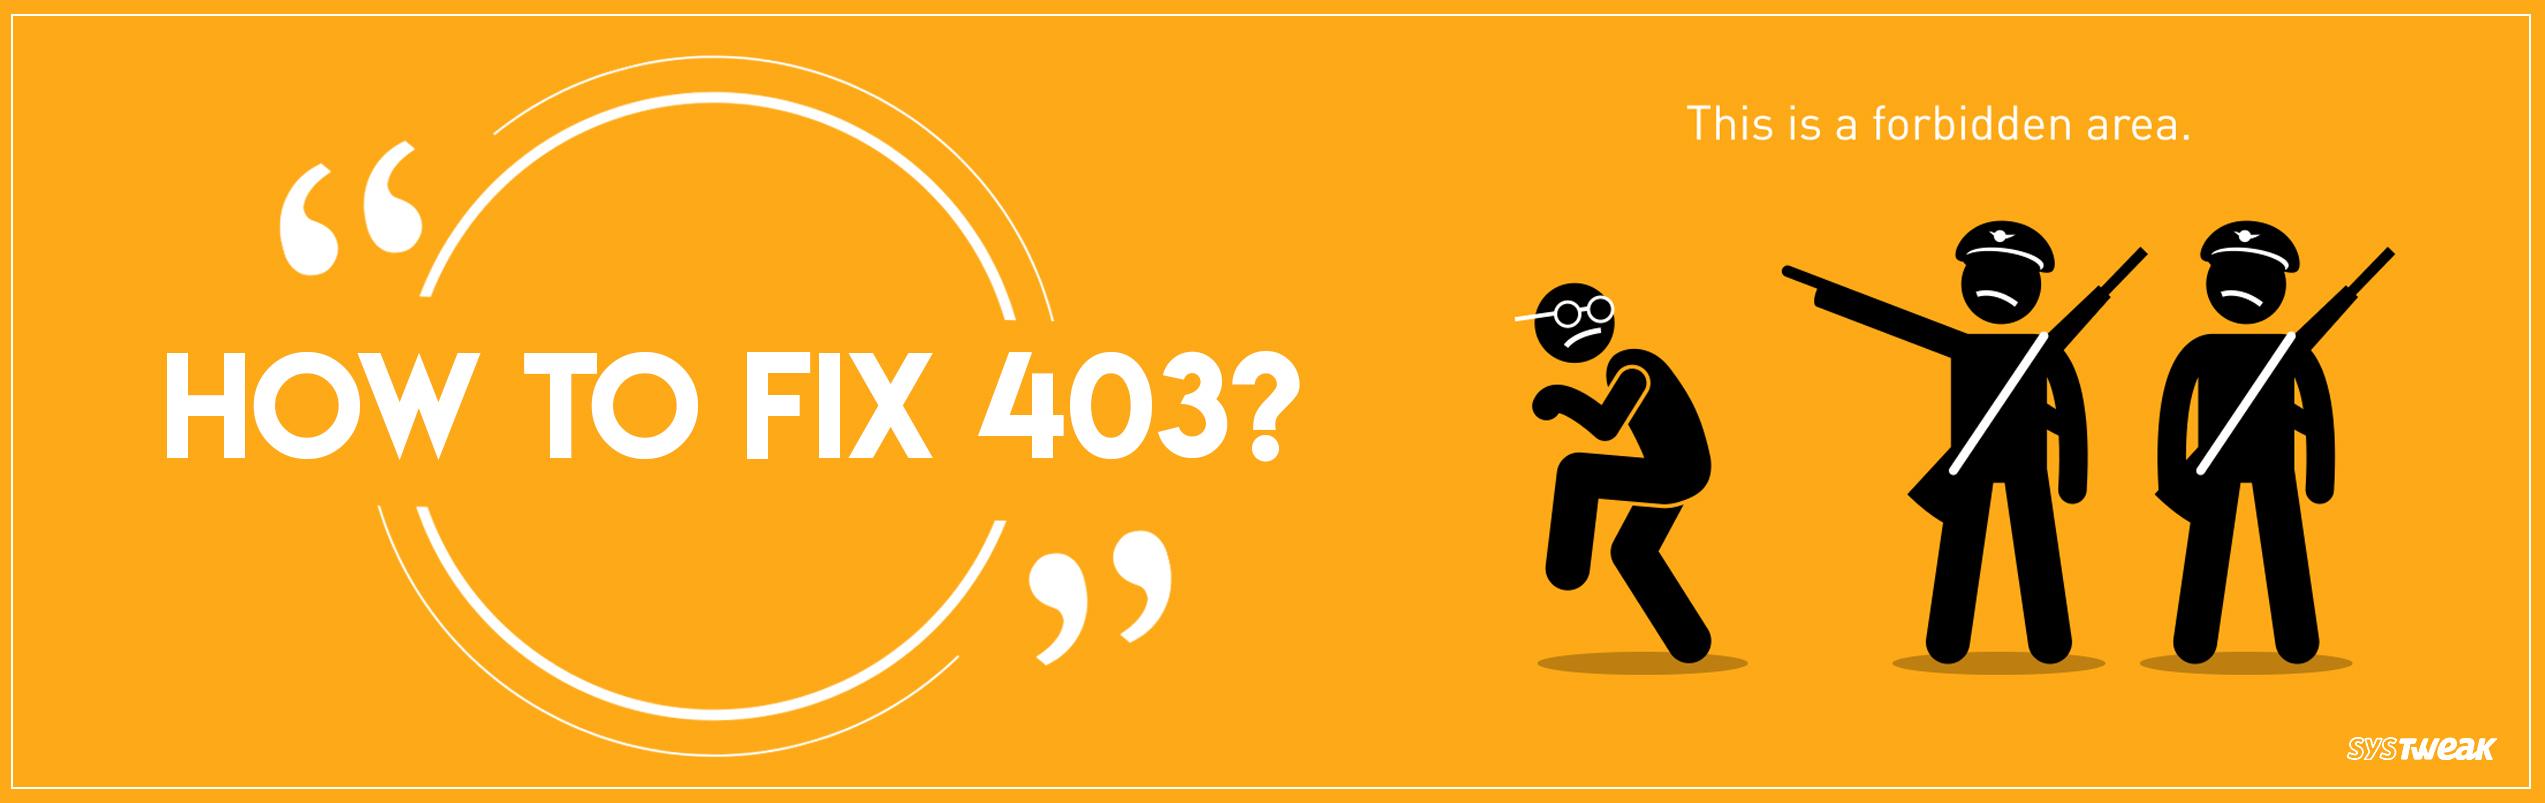 How To Fix 403 Forbidden Error